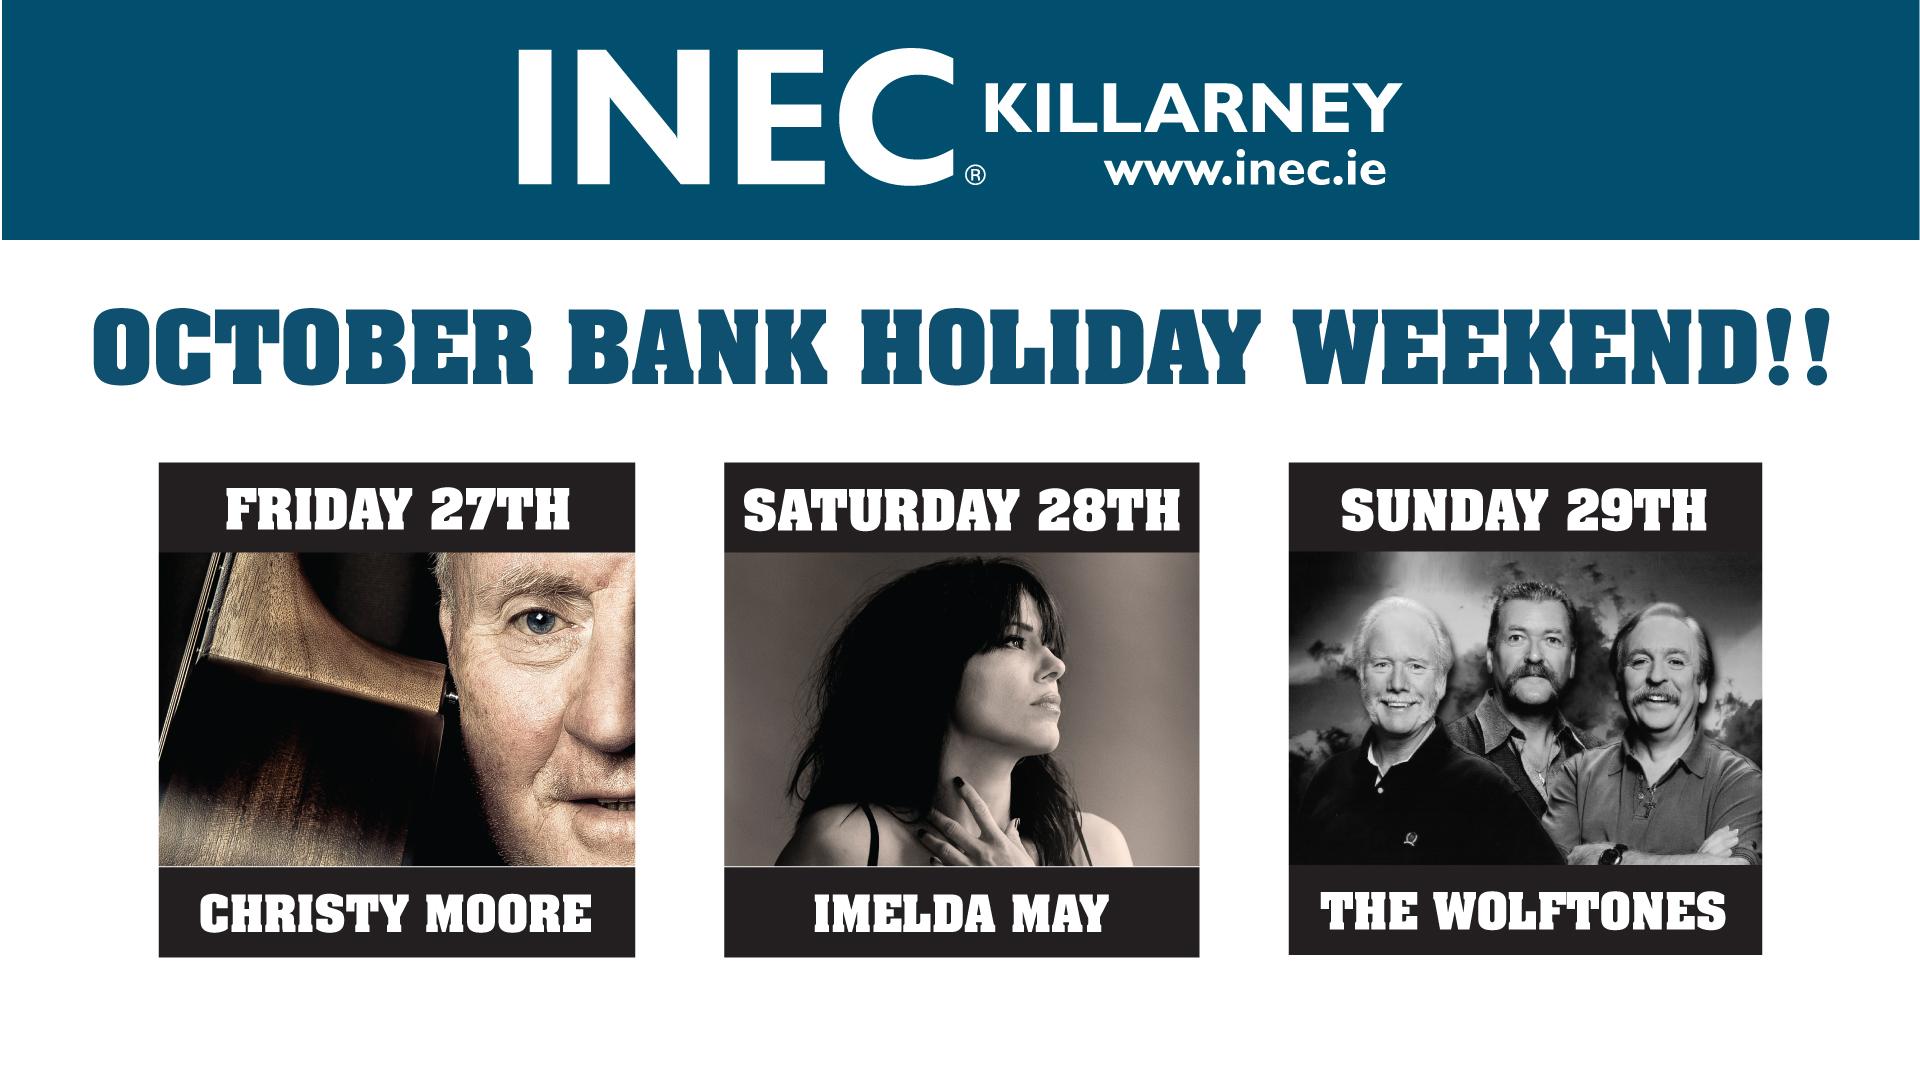 October Bank Holiday Weekend at the INEC KIllarney